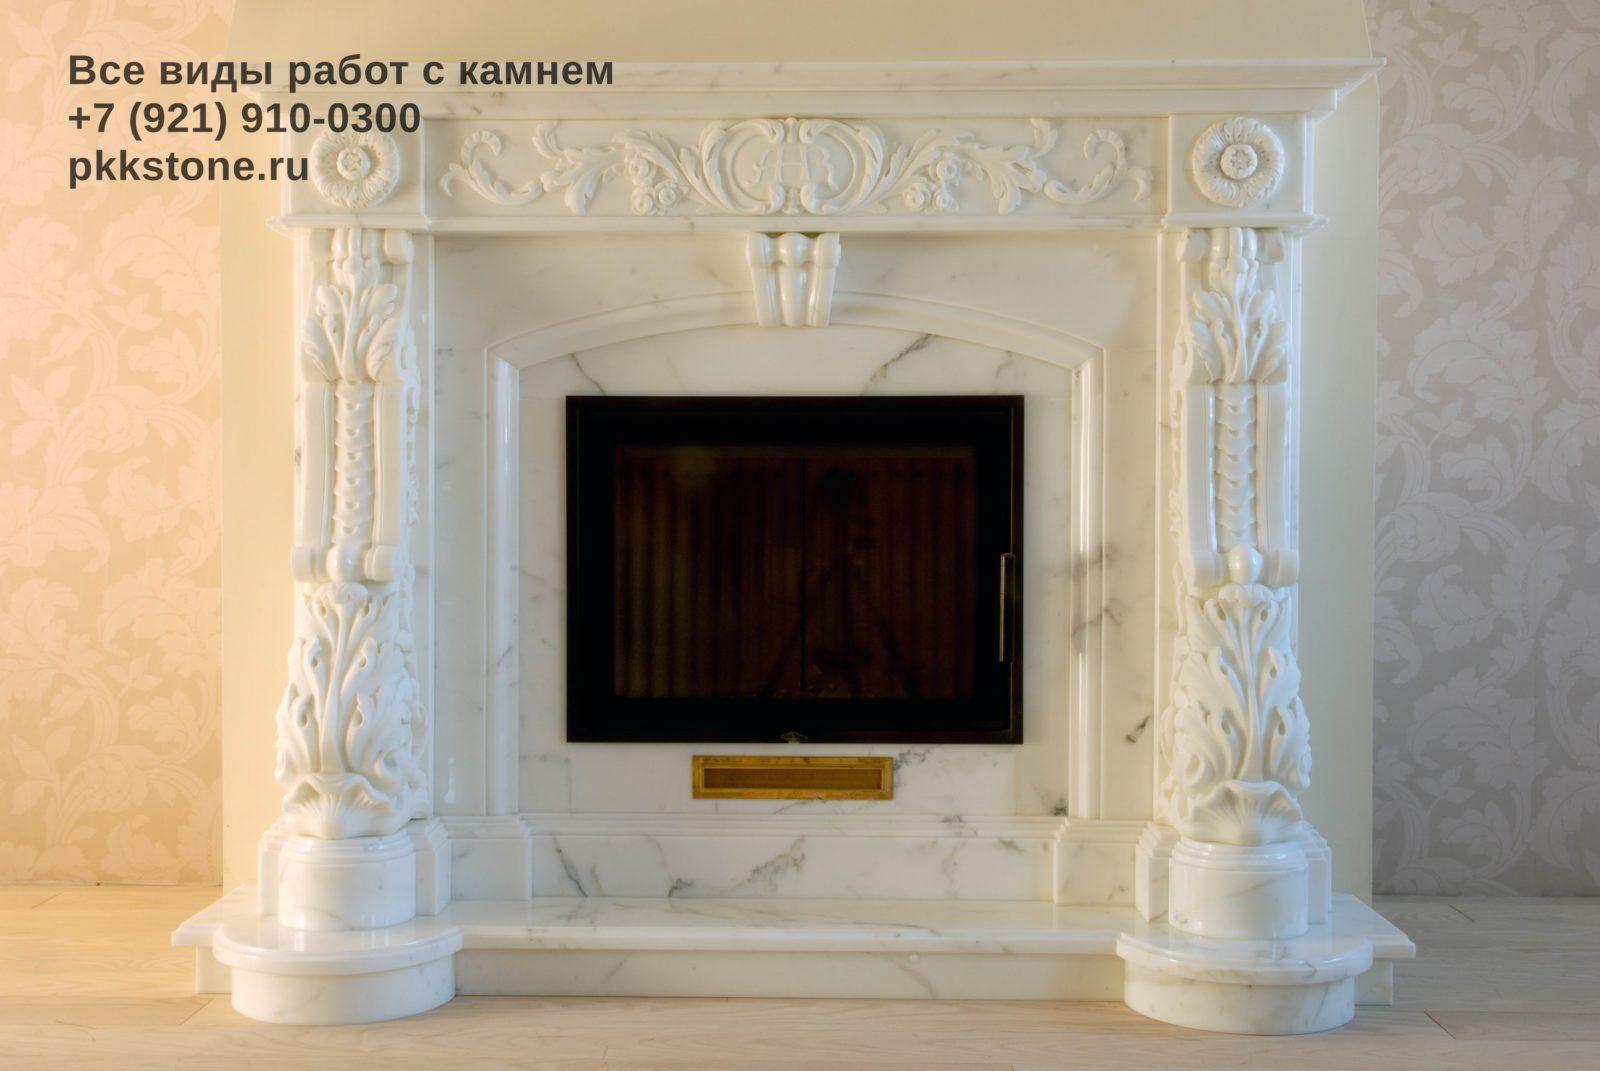 pkkstone_ru_kaminy-iz-mramora-primer-3